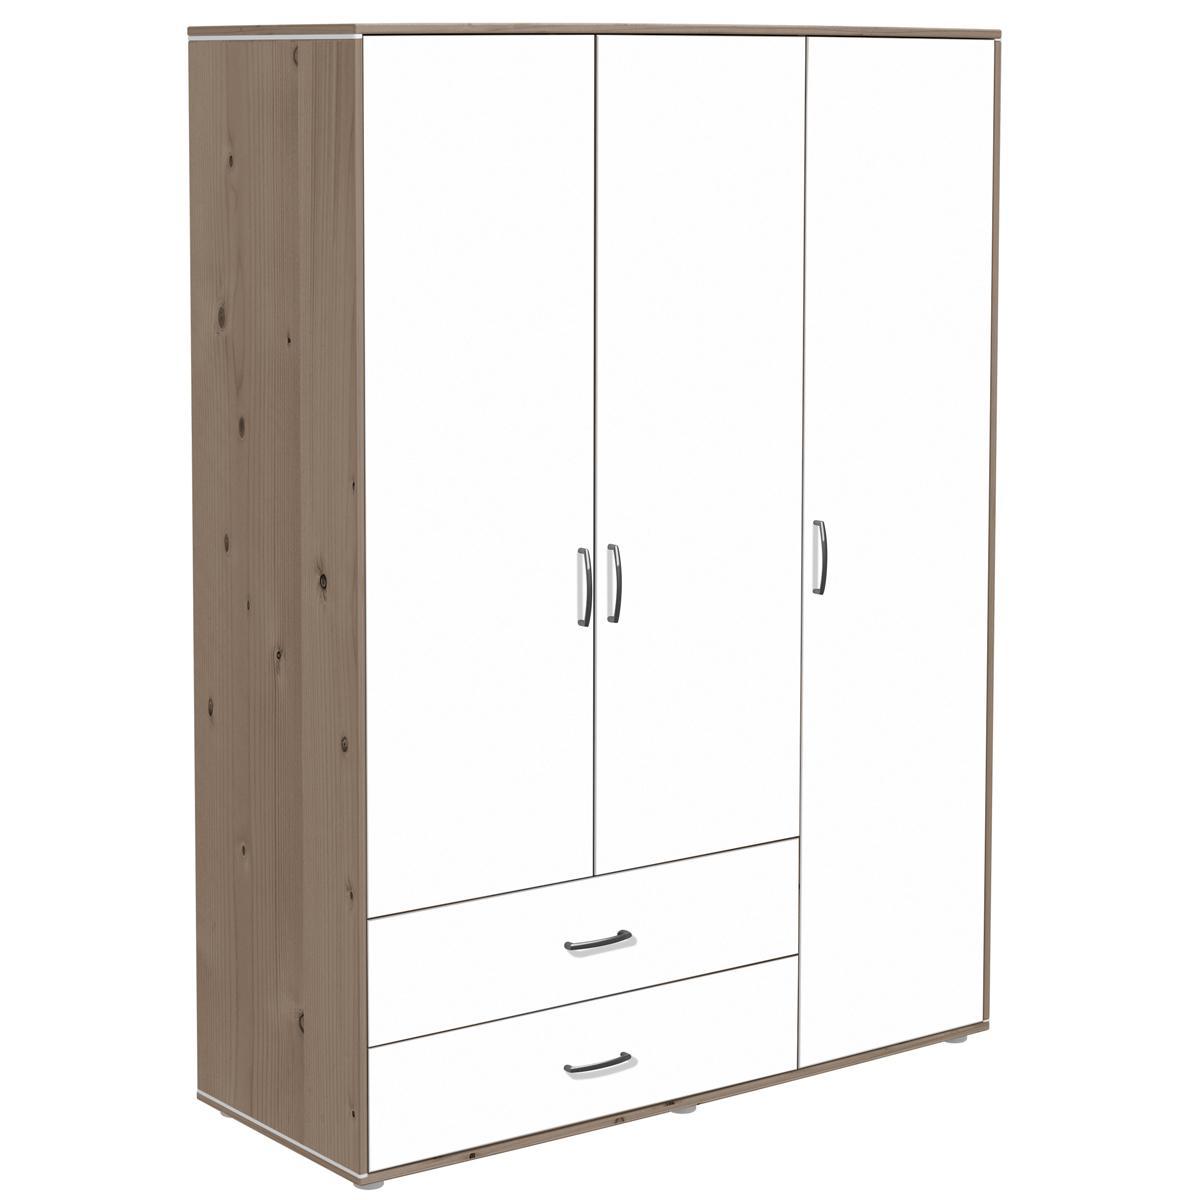 Kleiderschrank 3 Türen-2 Schubladen Flexa terra-weiß